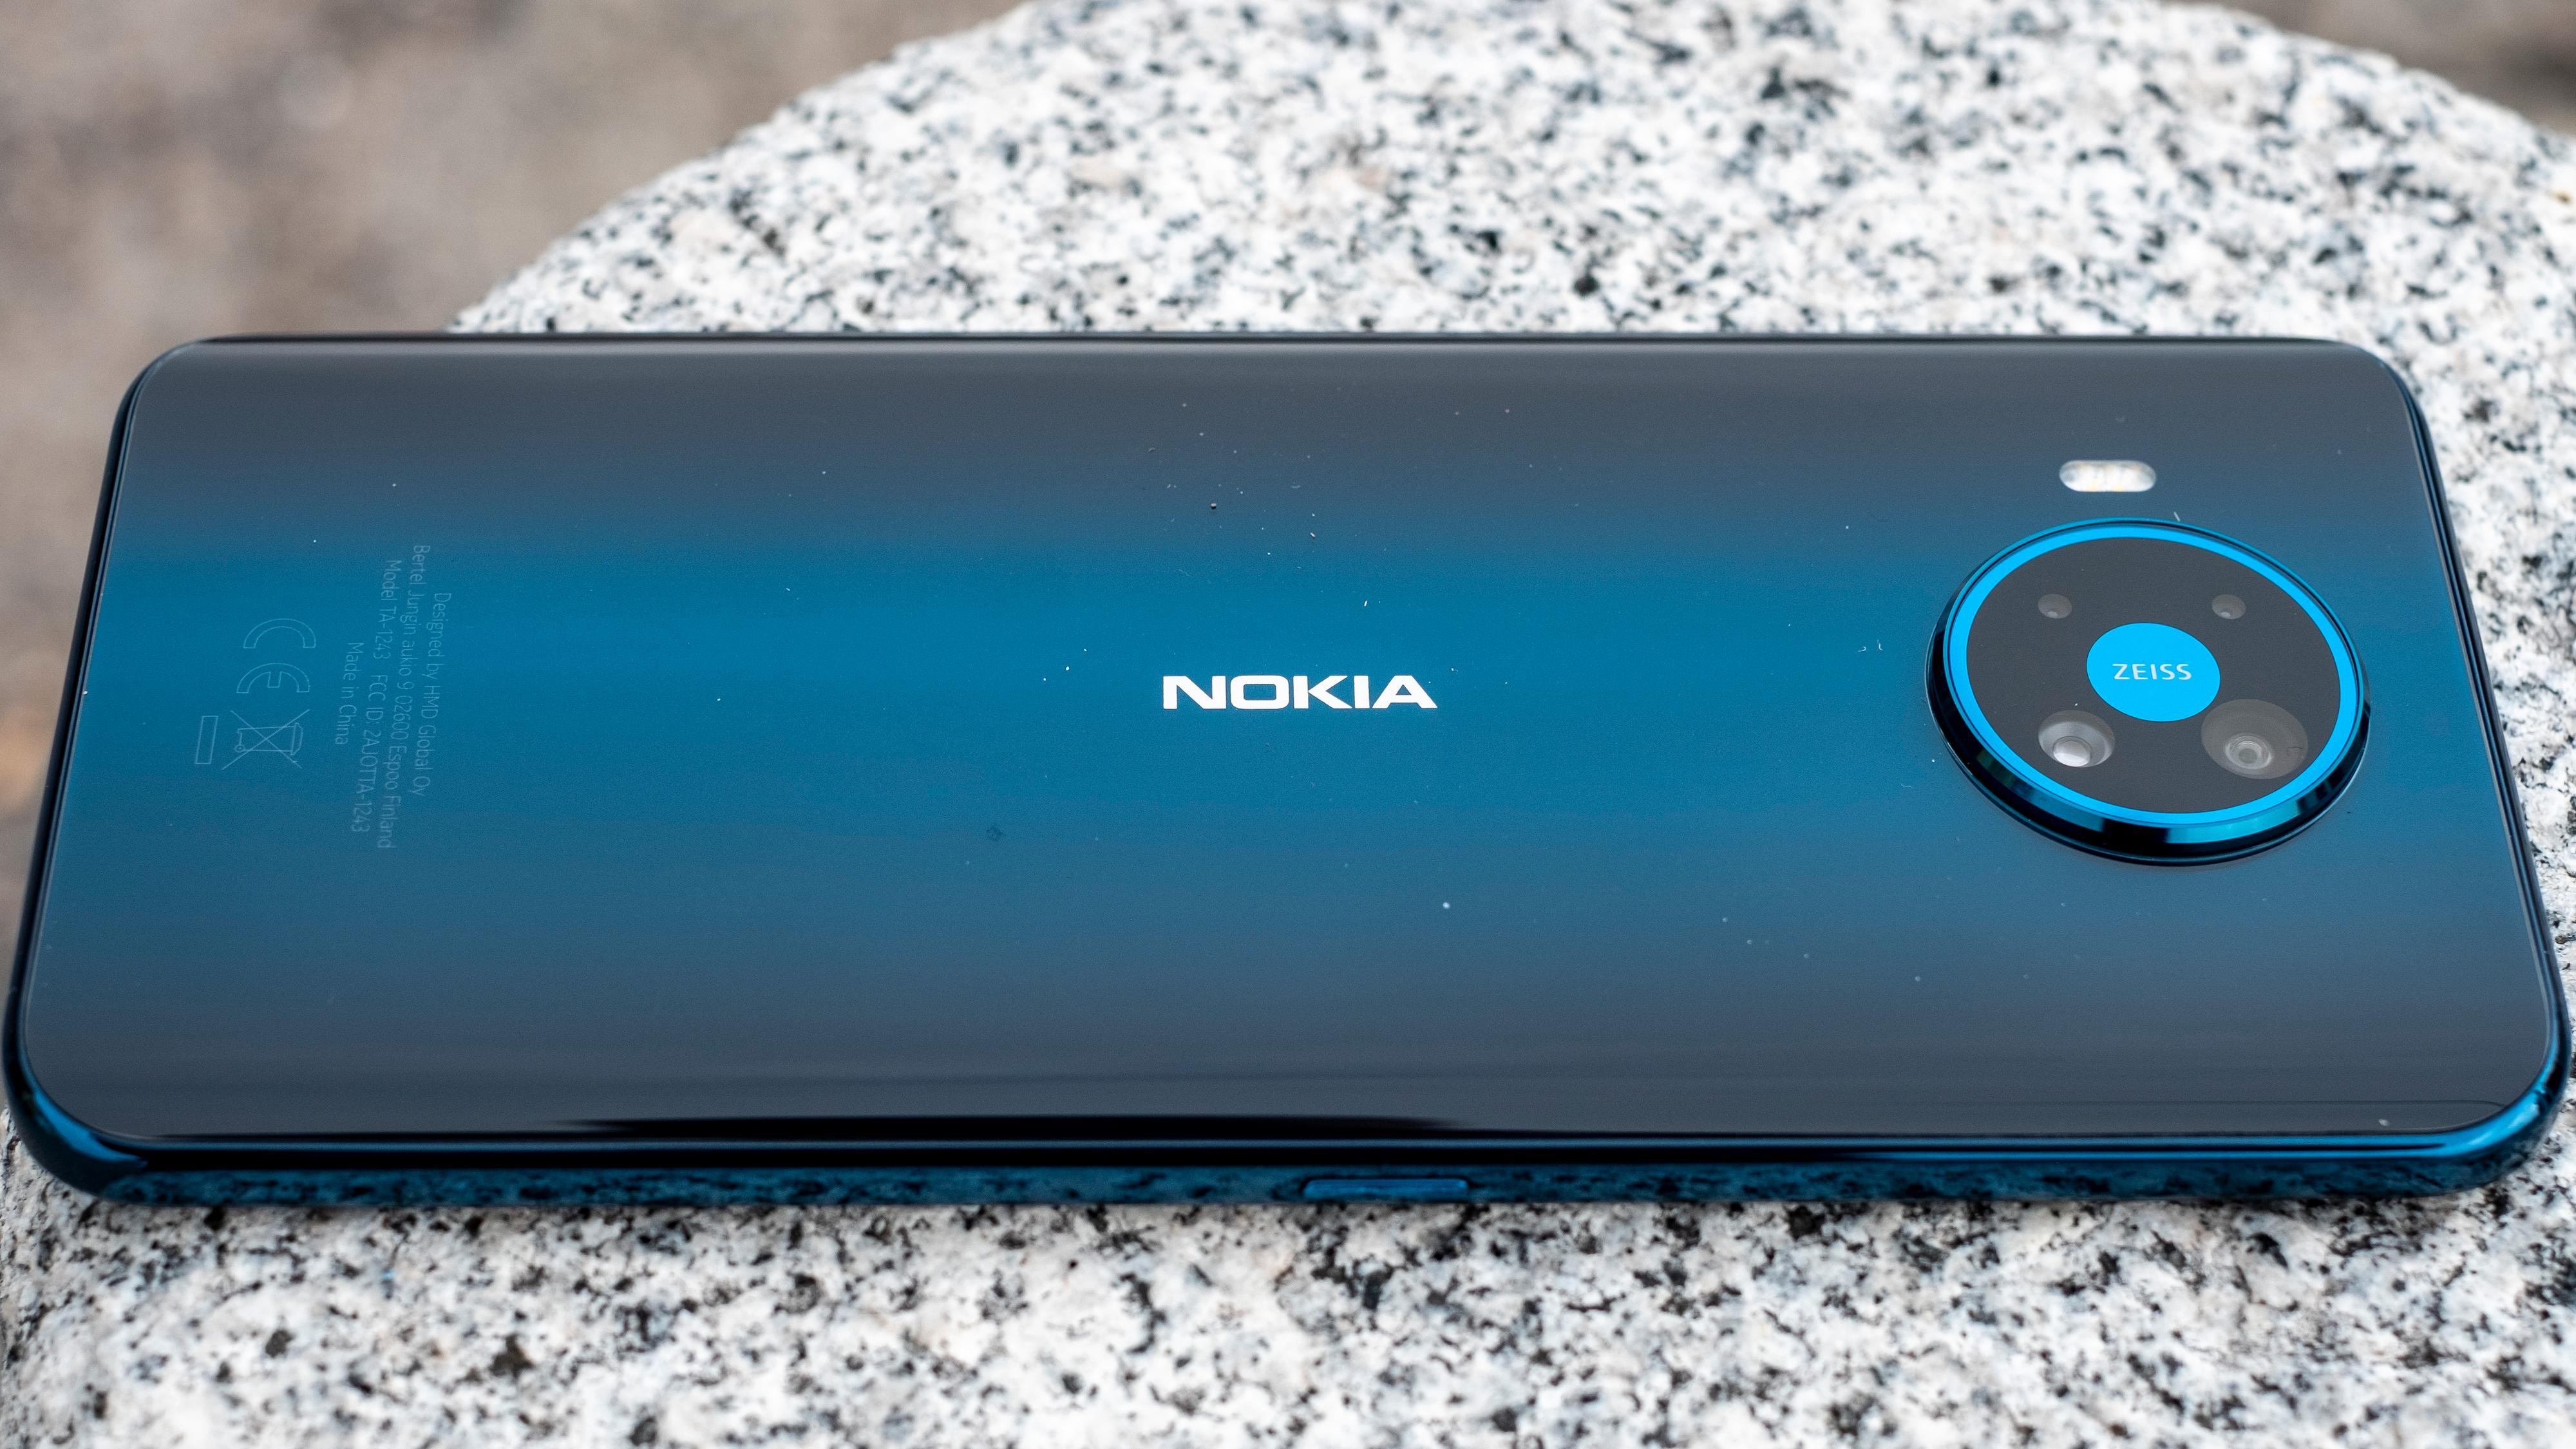 Nokia 8.3s konkurrenter koster fire-fem tusenlapper - ikke syv-åtte, som denne telefonen koster. Men i det minste får du en bakside av glass her, der de rimeligere mobilene byr på plast. Men ellers har du alt å vinne på å gå ned i pris fra 8.3, eller kjøpe noe annet rundt 8.000 kroner.